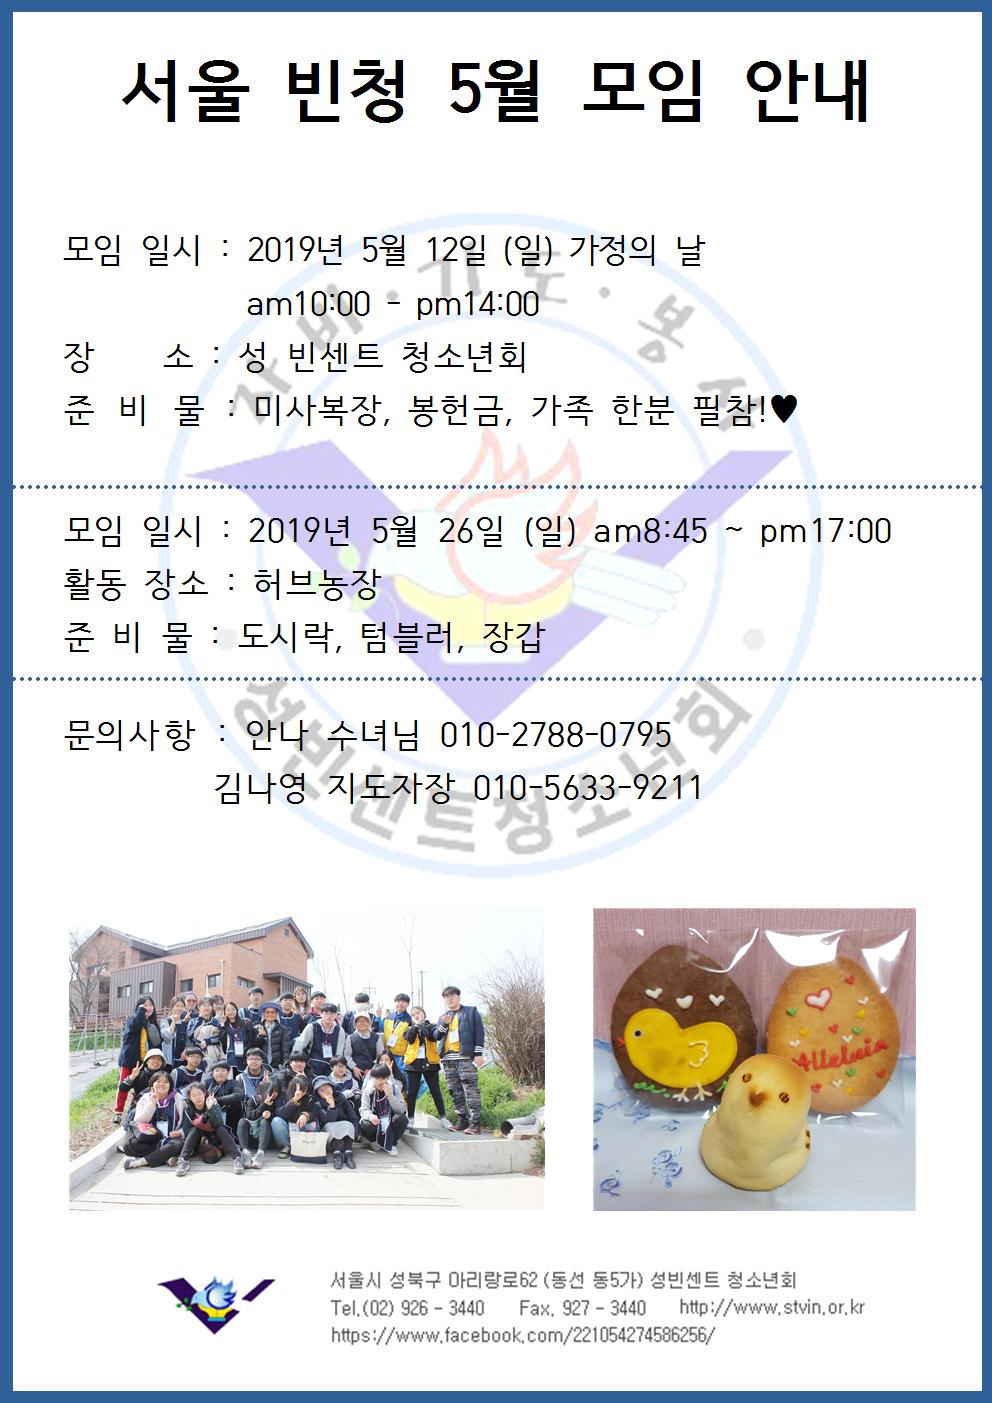 2019년 5월 빈청 모임 안내.ver.1001.png